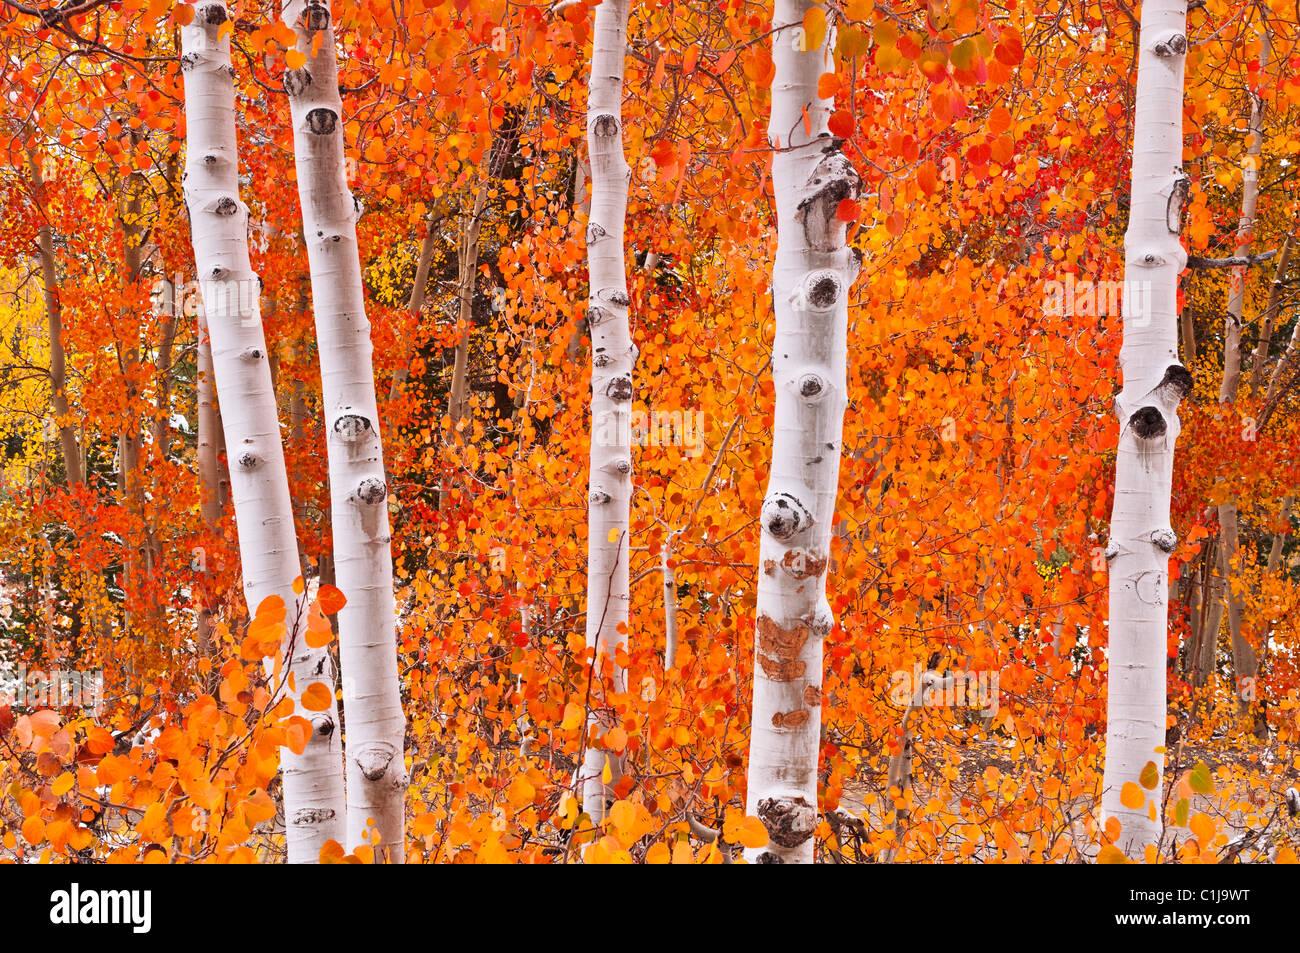 Neve fresca su fall aspens lungo il vescovo Creek, Inyo National Forest, Sierra Nevada, in California, Stati Uniti Immagini Stock